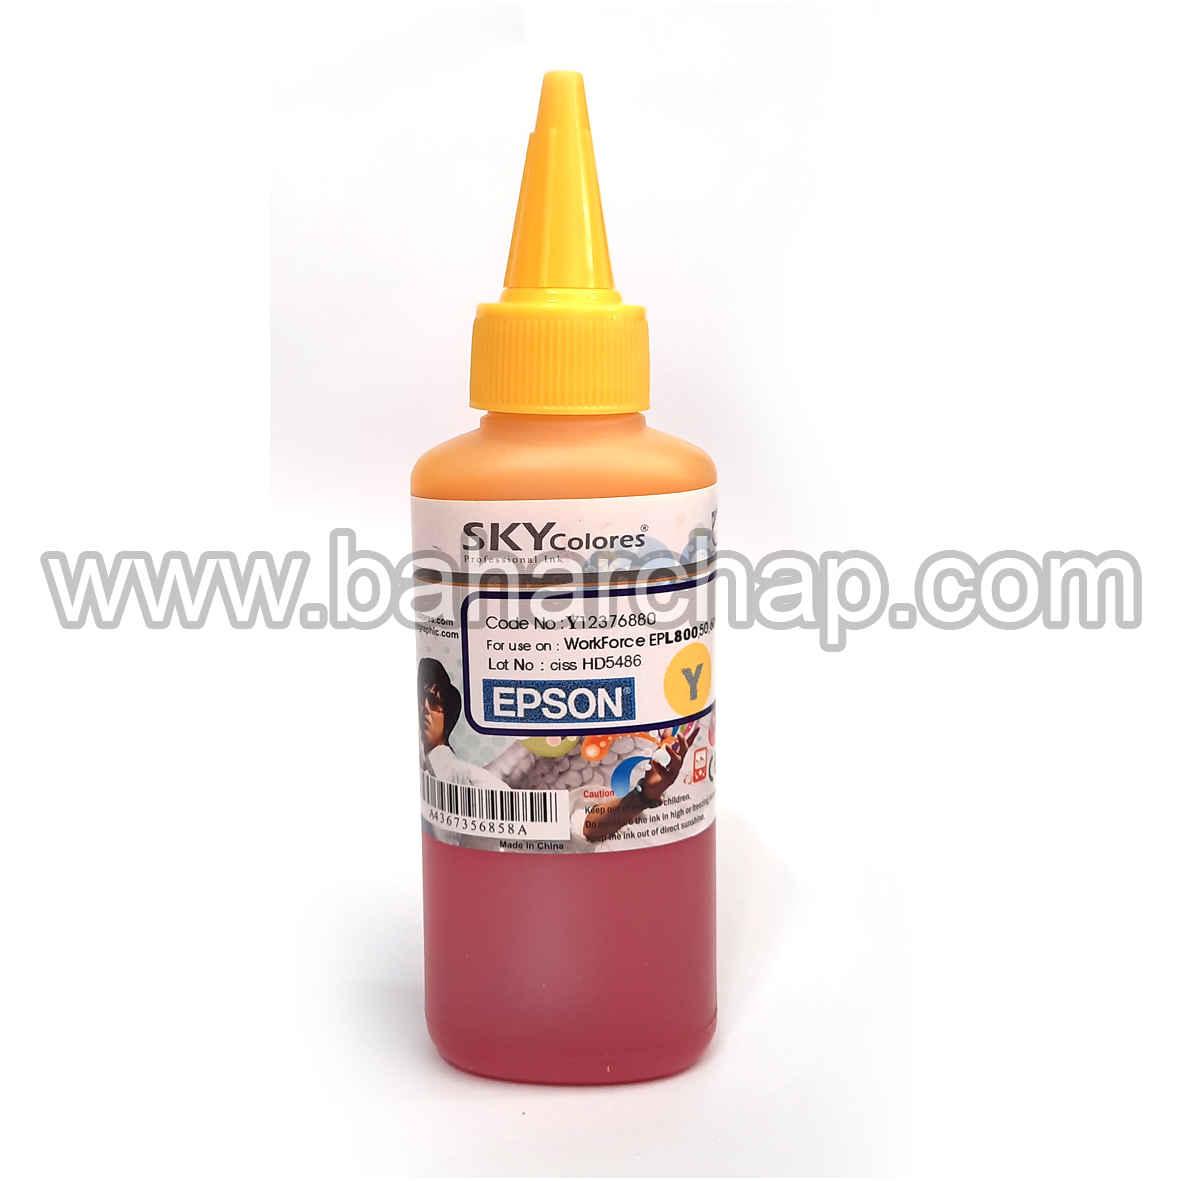 فروشگاه و خدمات اینترنتی بهارچاپ اصفهان-جوهر اسکای100cc اپسون (زرد)-SKY INK FOR EPSON 100cc (Y)